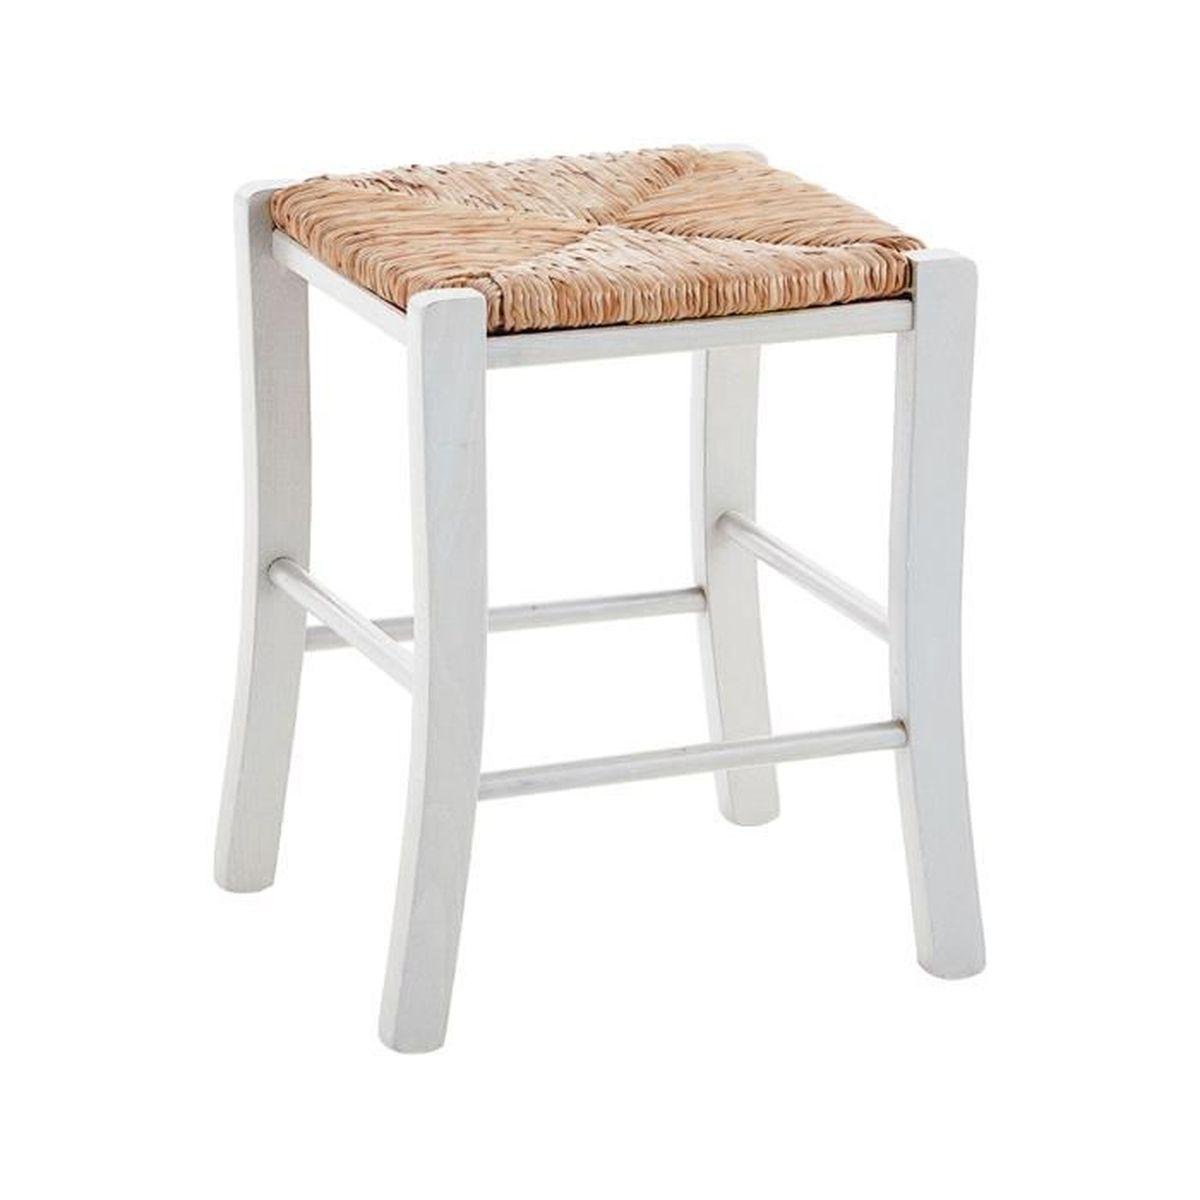 Tabouret Paille Cuisine – Idée d'image de meubles on